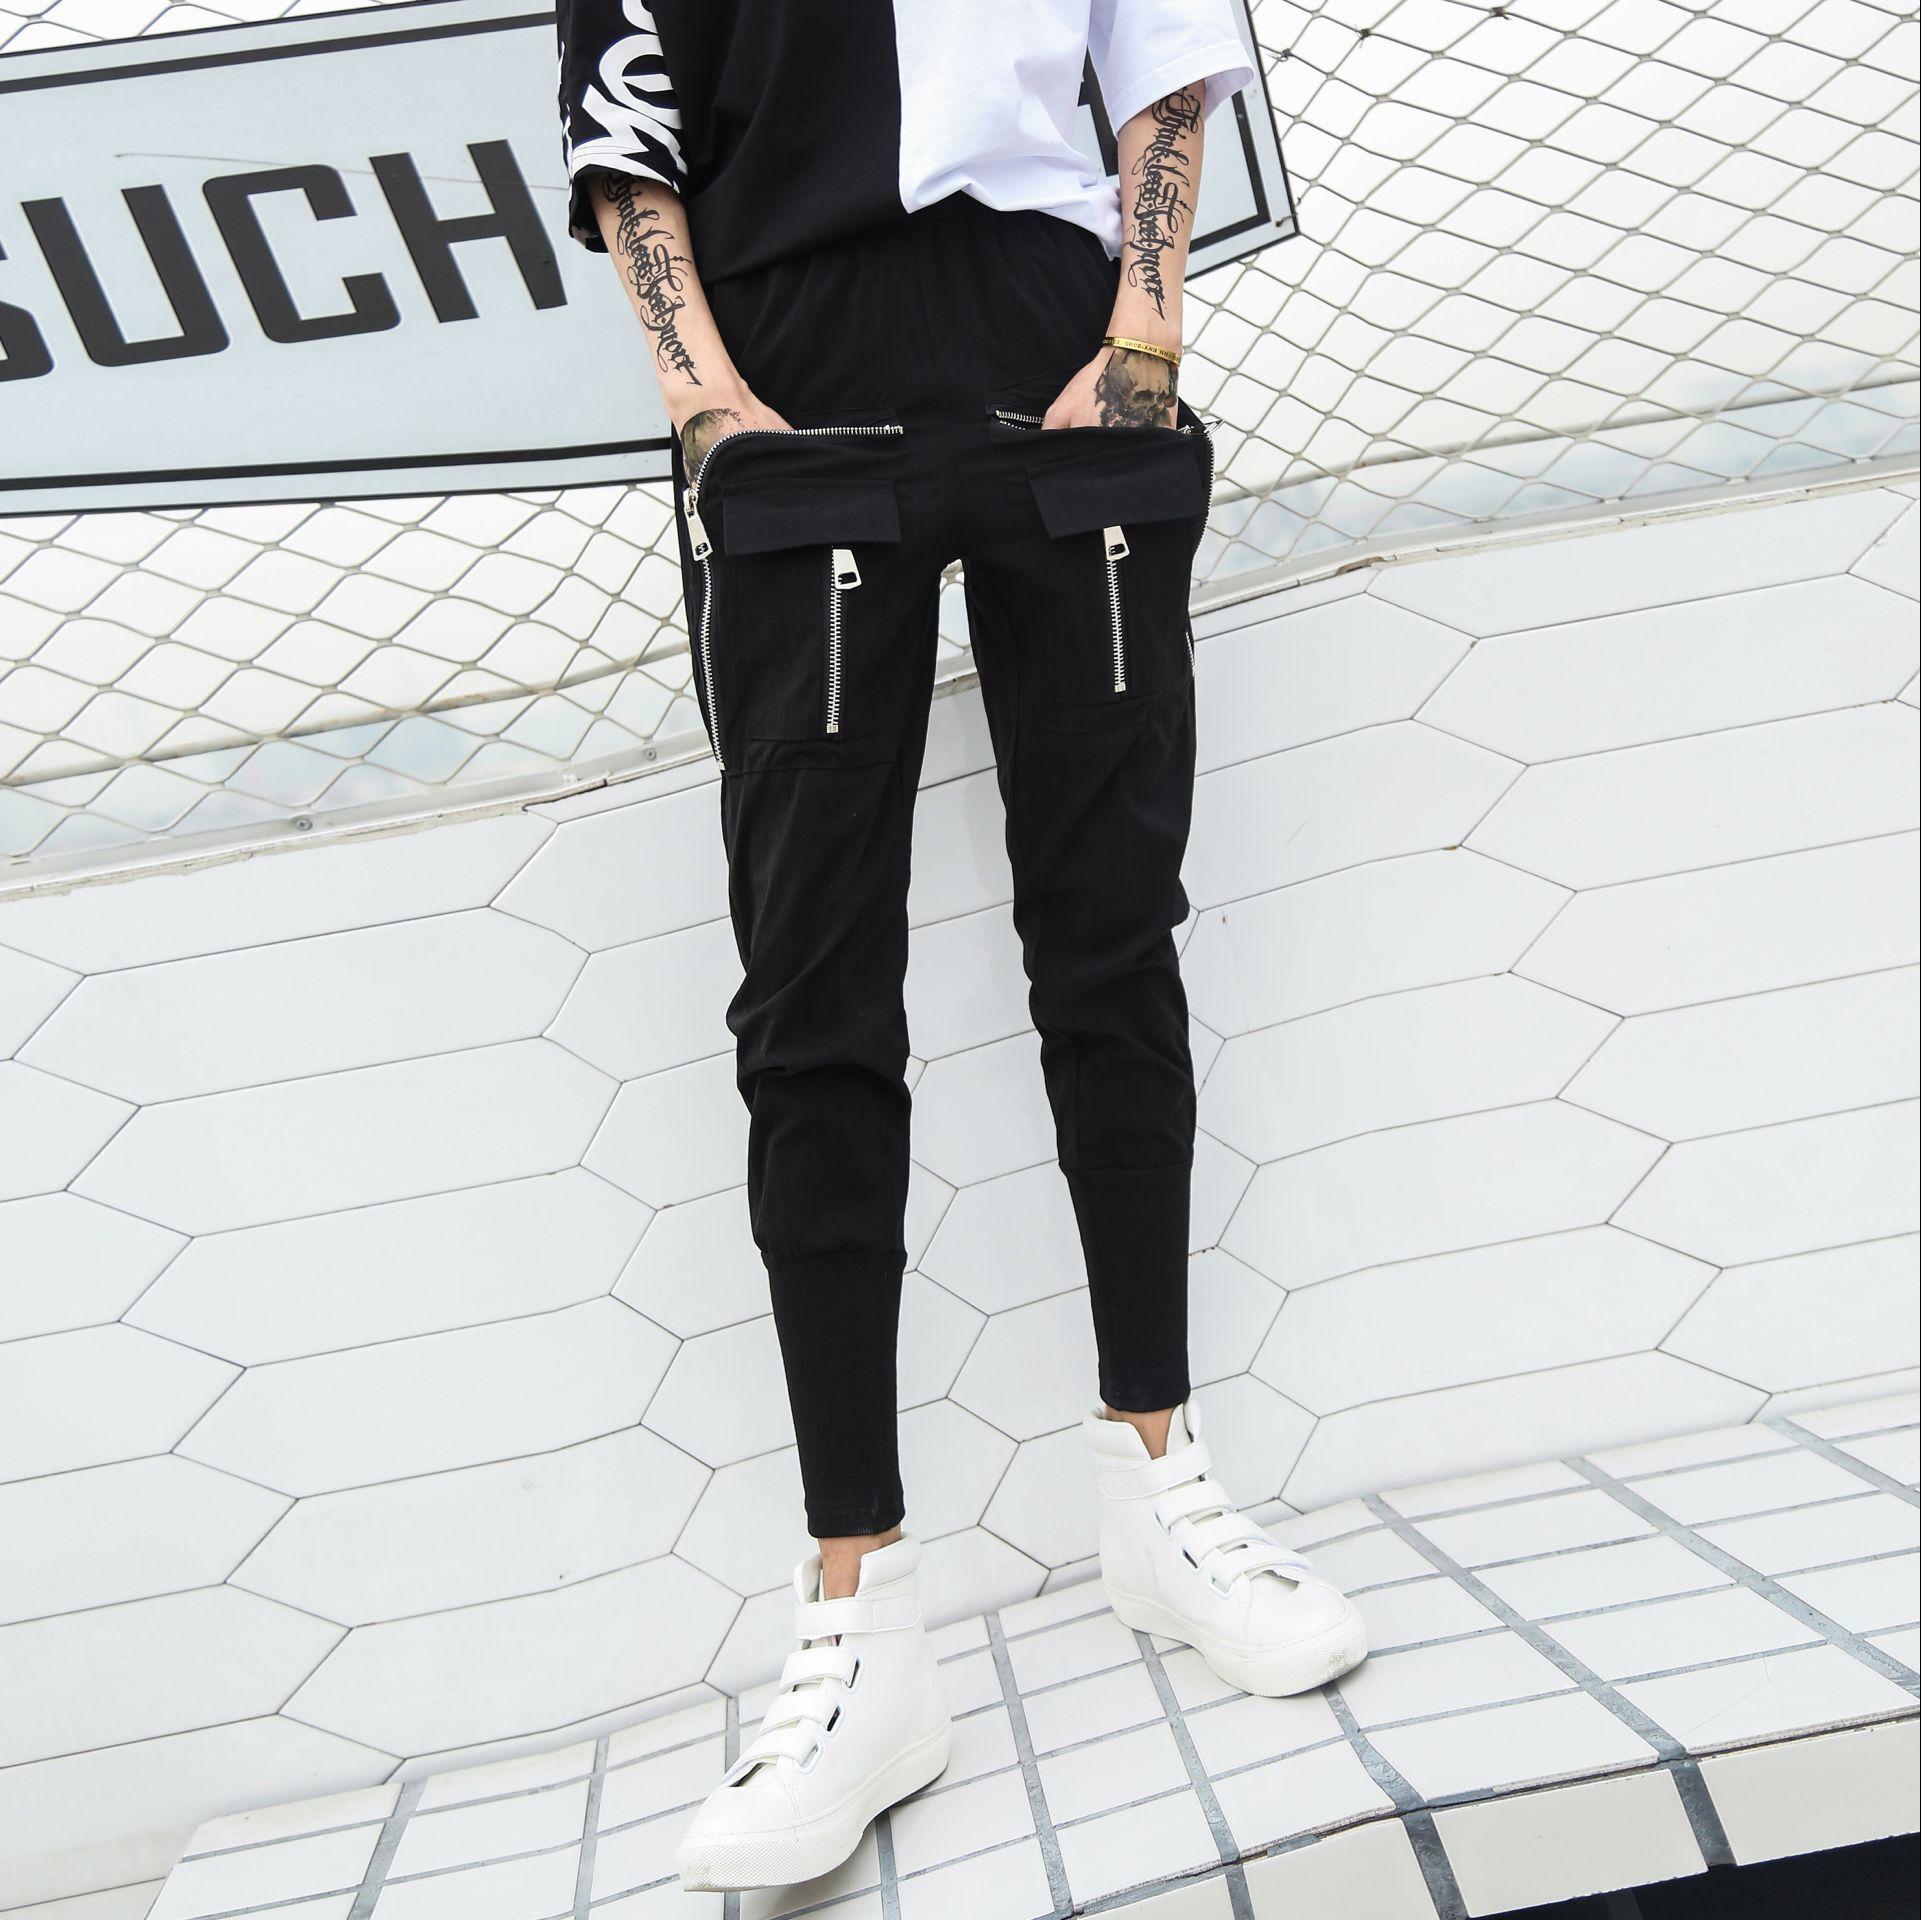 Pantalon Noir Moulant Survêtement Joggeurs Hommes Discothèque Mode Loisirs Personnalité Éclair Coton 2019 Hip Foncé Fermeture Poches Hop Bleu Mince Pantalons De UqRSHw